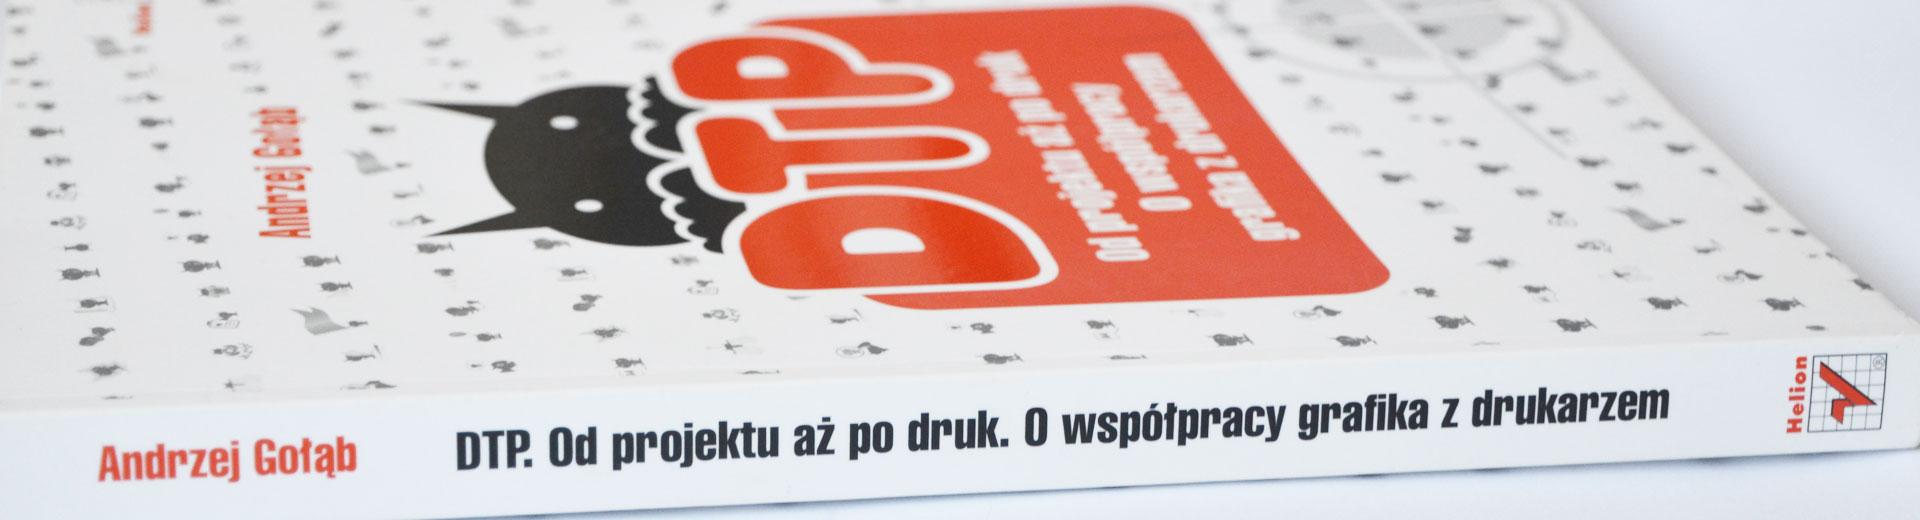 dtp-od-projektu-az-po-druk-o-wspolpracy-grafika-z-drukarzem-andrzej-golab-recenzja